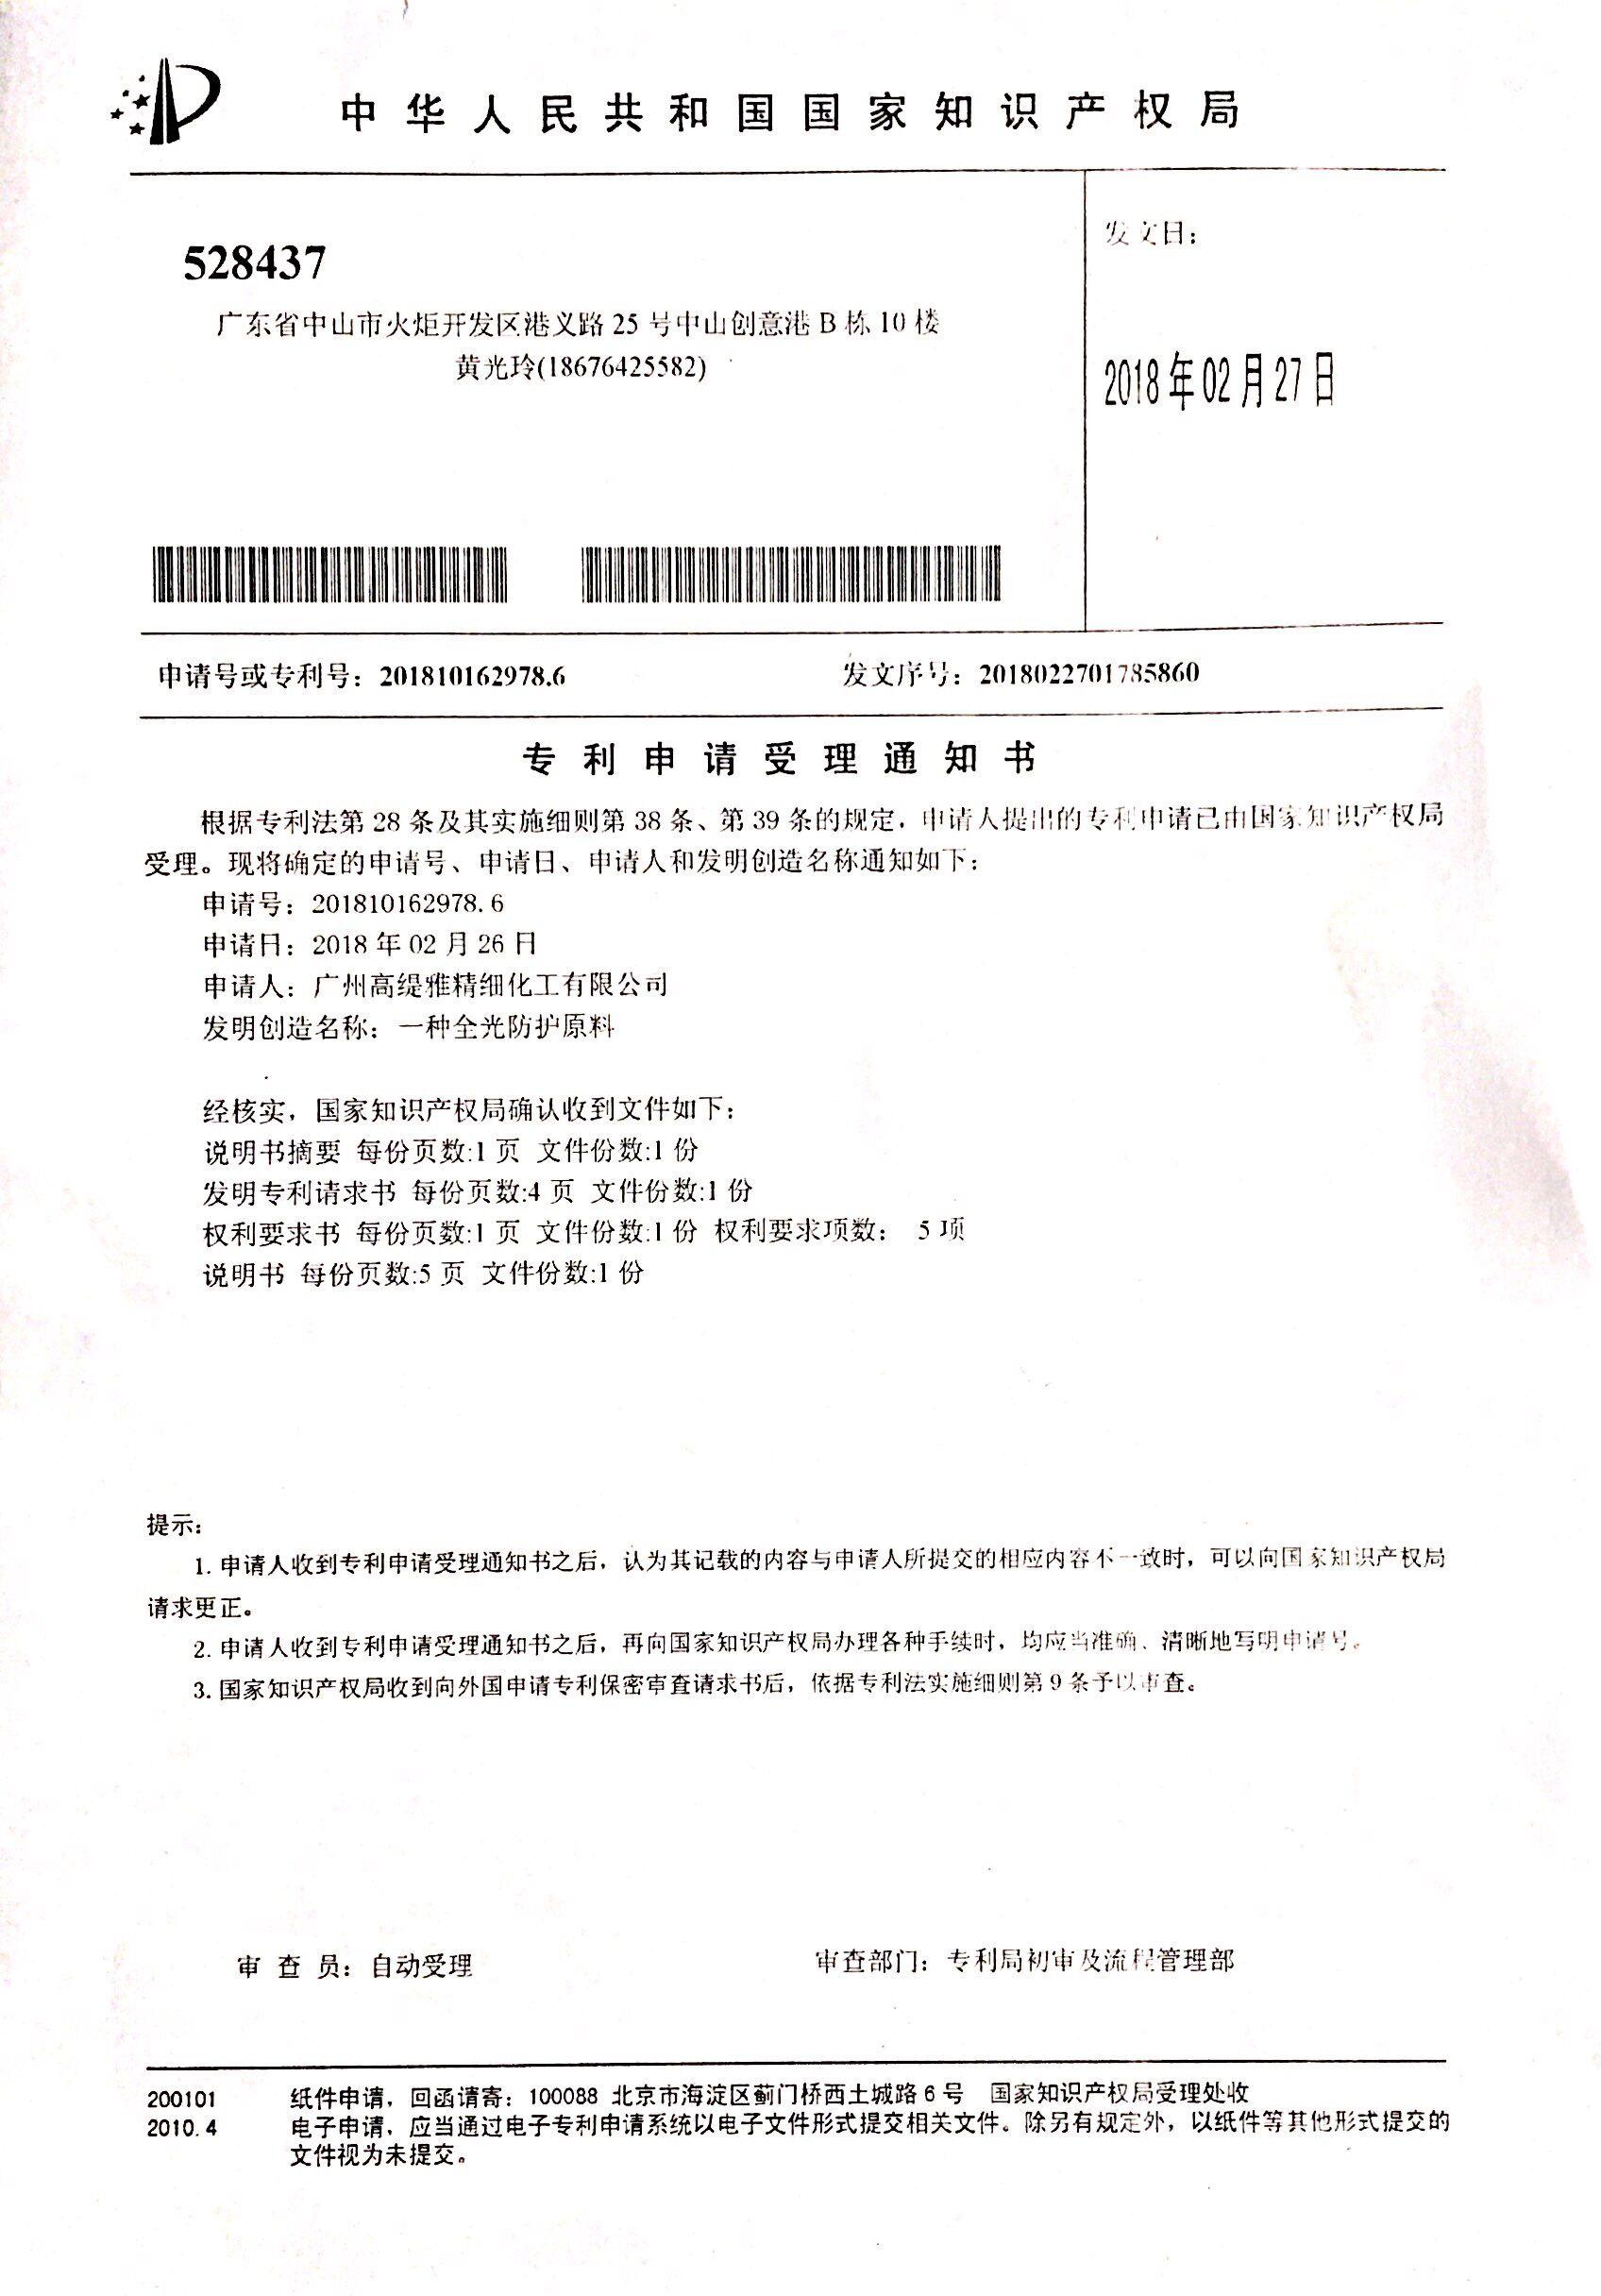 全光防护专利证书-高缇雅